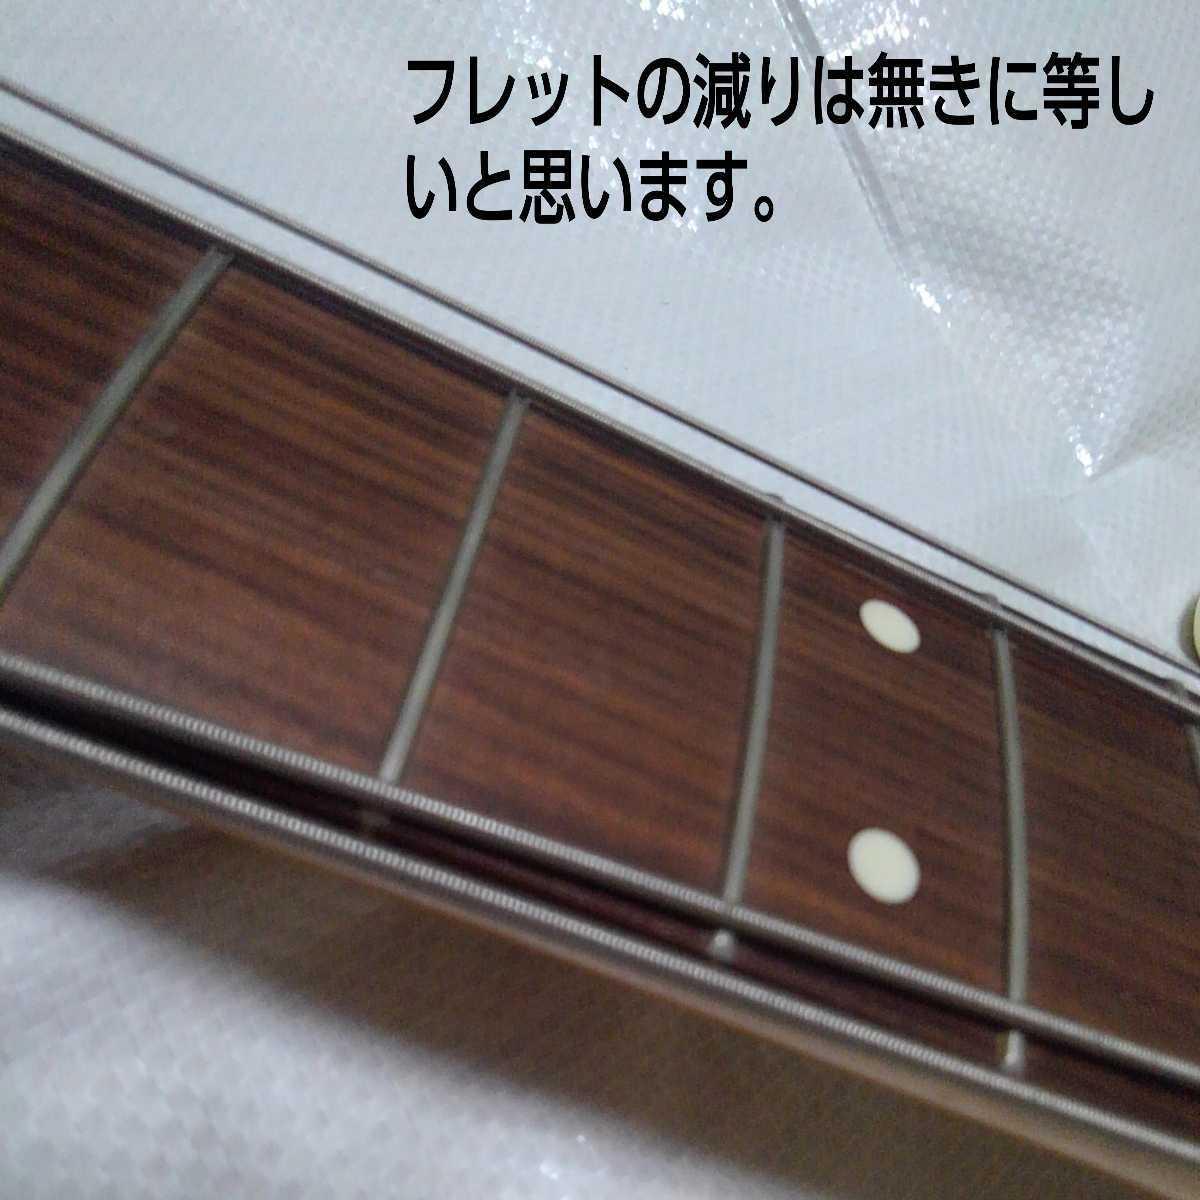 フェンダー ジャズベース MADE IN JAPAN FENDER Jazzbass 日本製 フジゲン シリアル M+6桁 _画像8